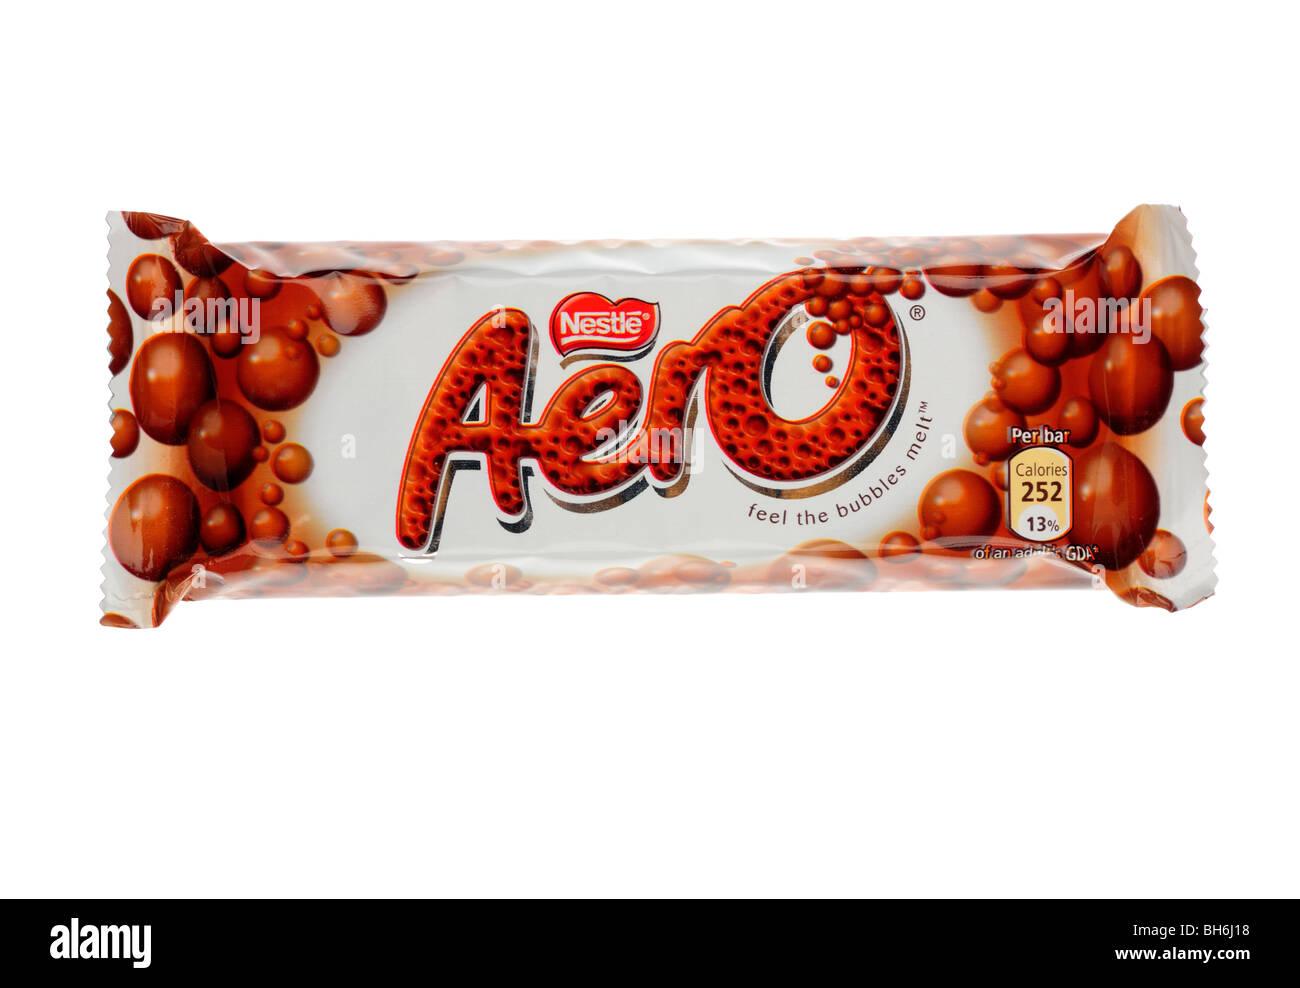 Nestle Original Aero Chocolate Bar - Stock Image